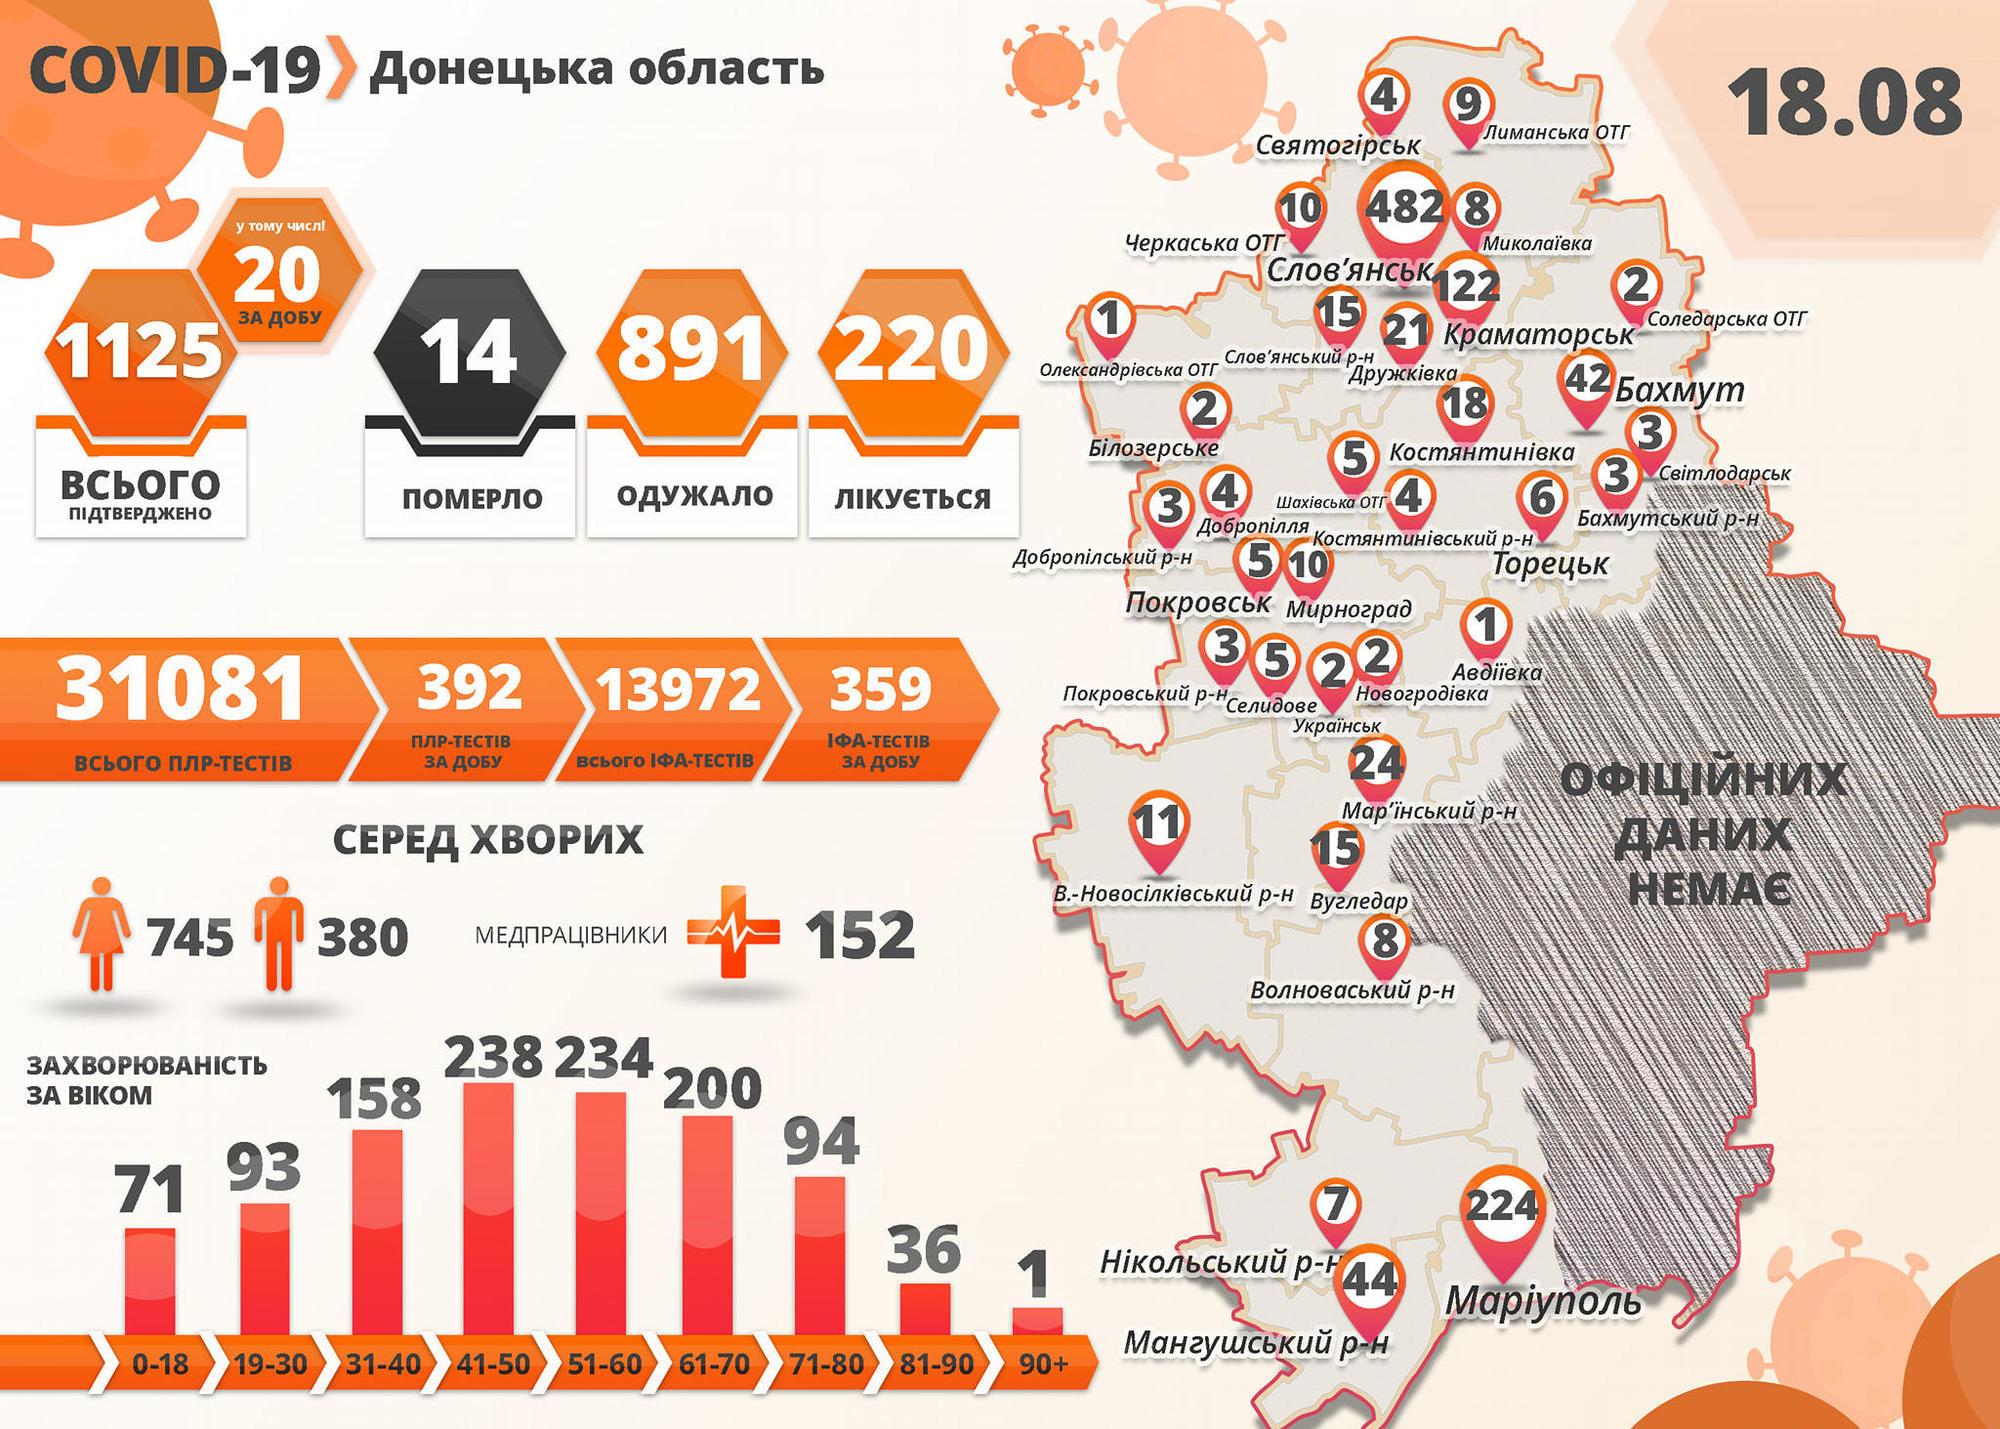 коронавирус Донецкая область статистика инфографика